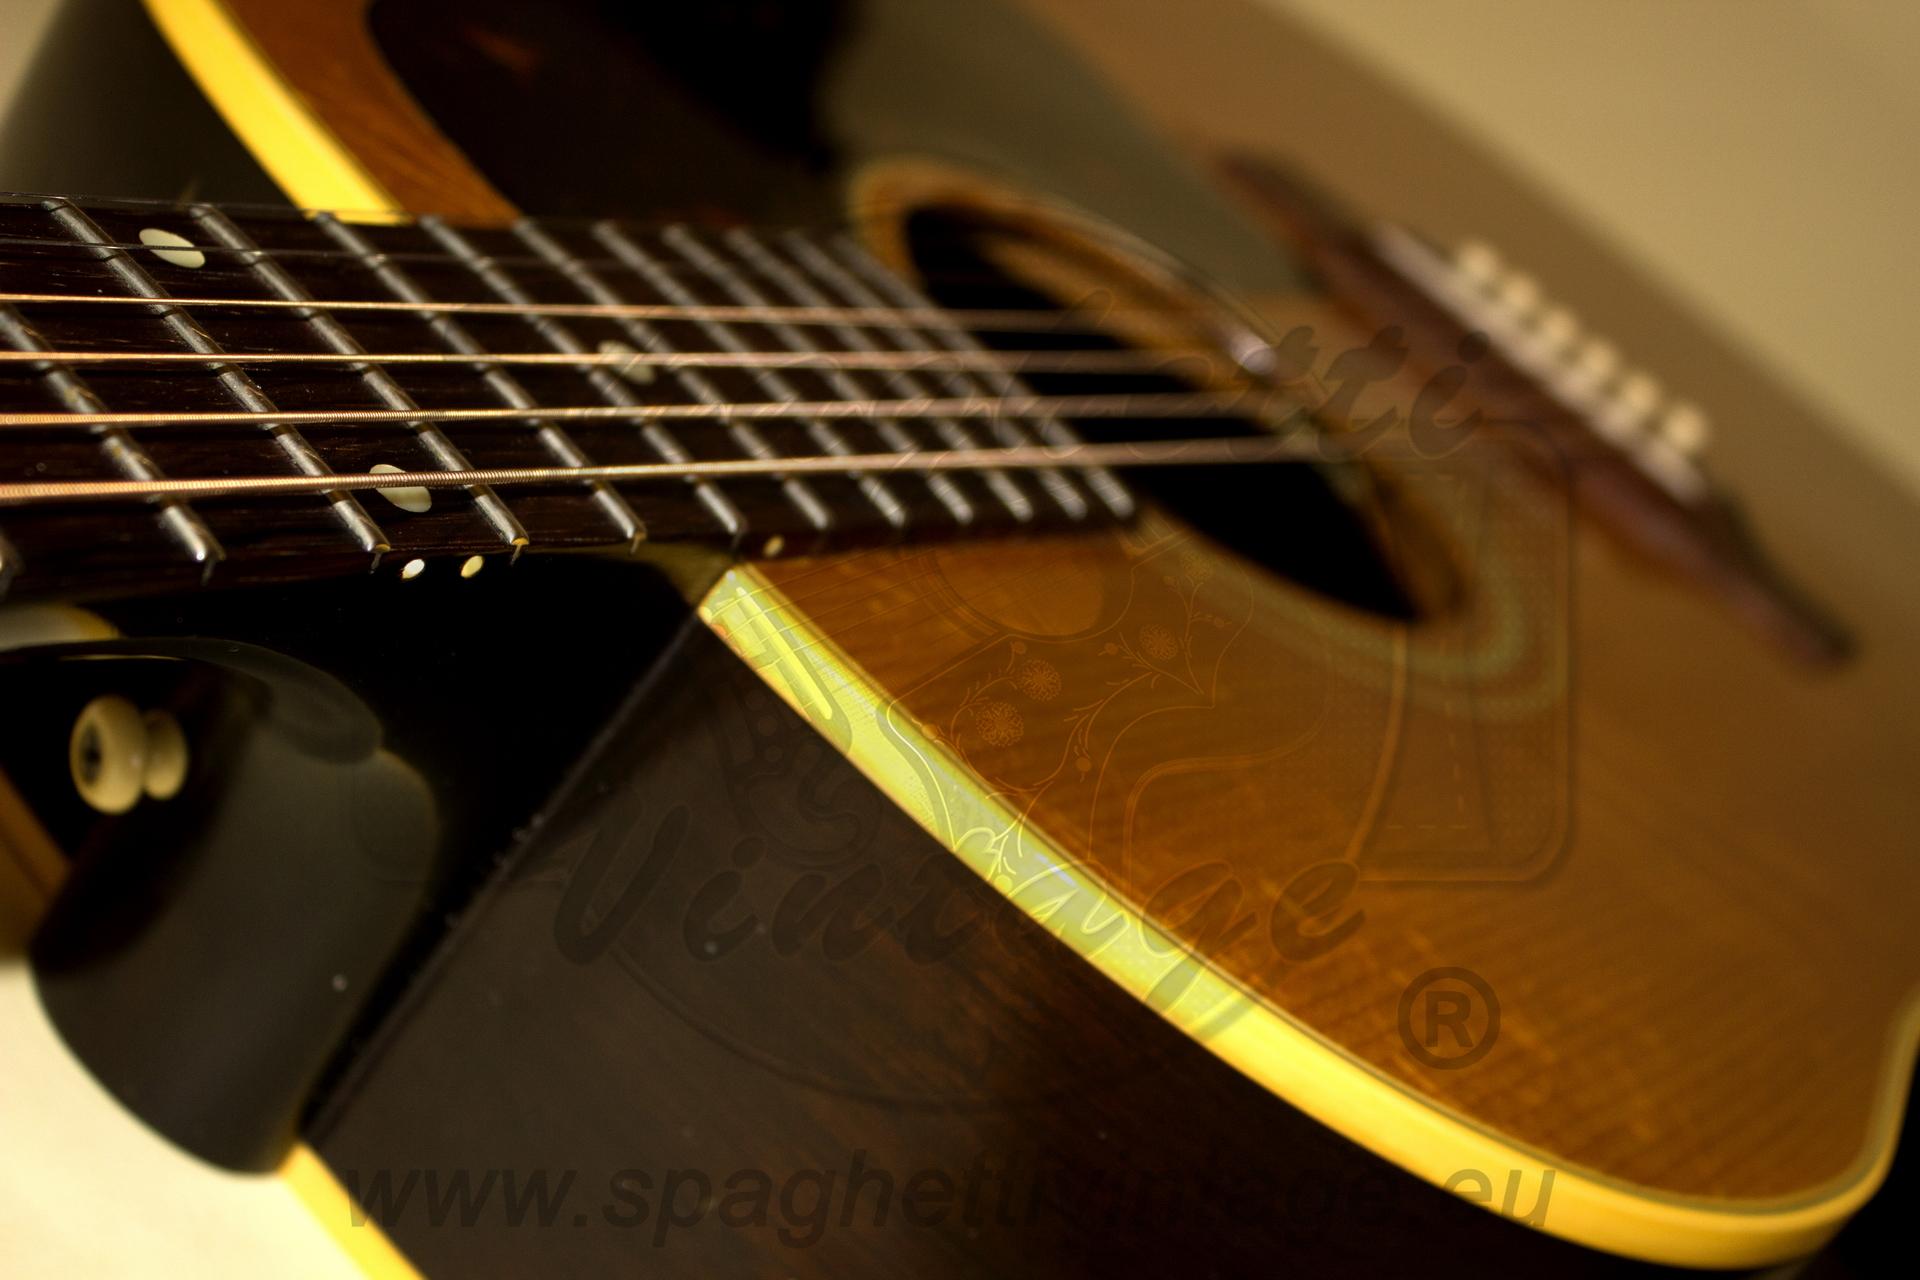 gibson j 50 j50 1963 natural guitar for sale spaghettivintage. Black Bedroom Furniture Sets. Home Design Ideas